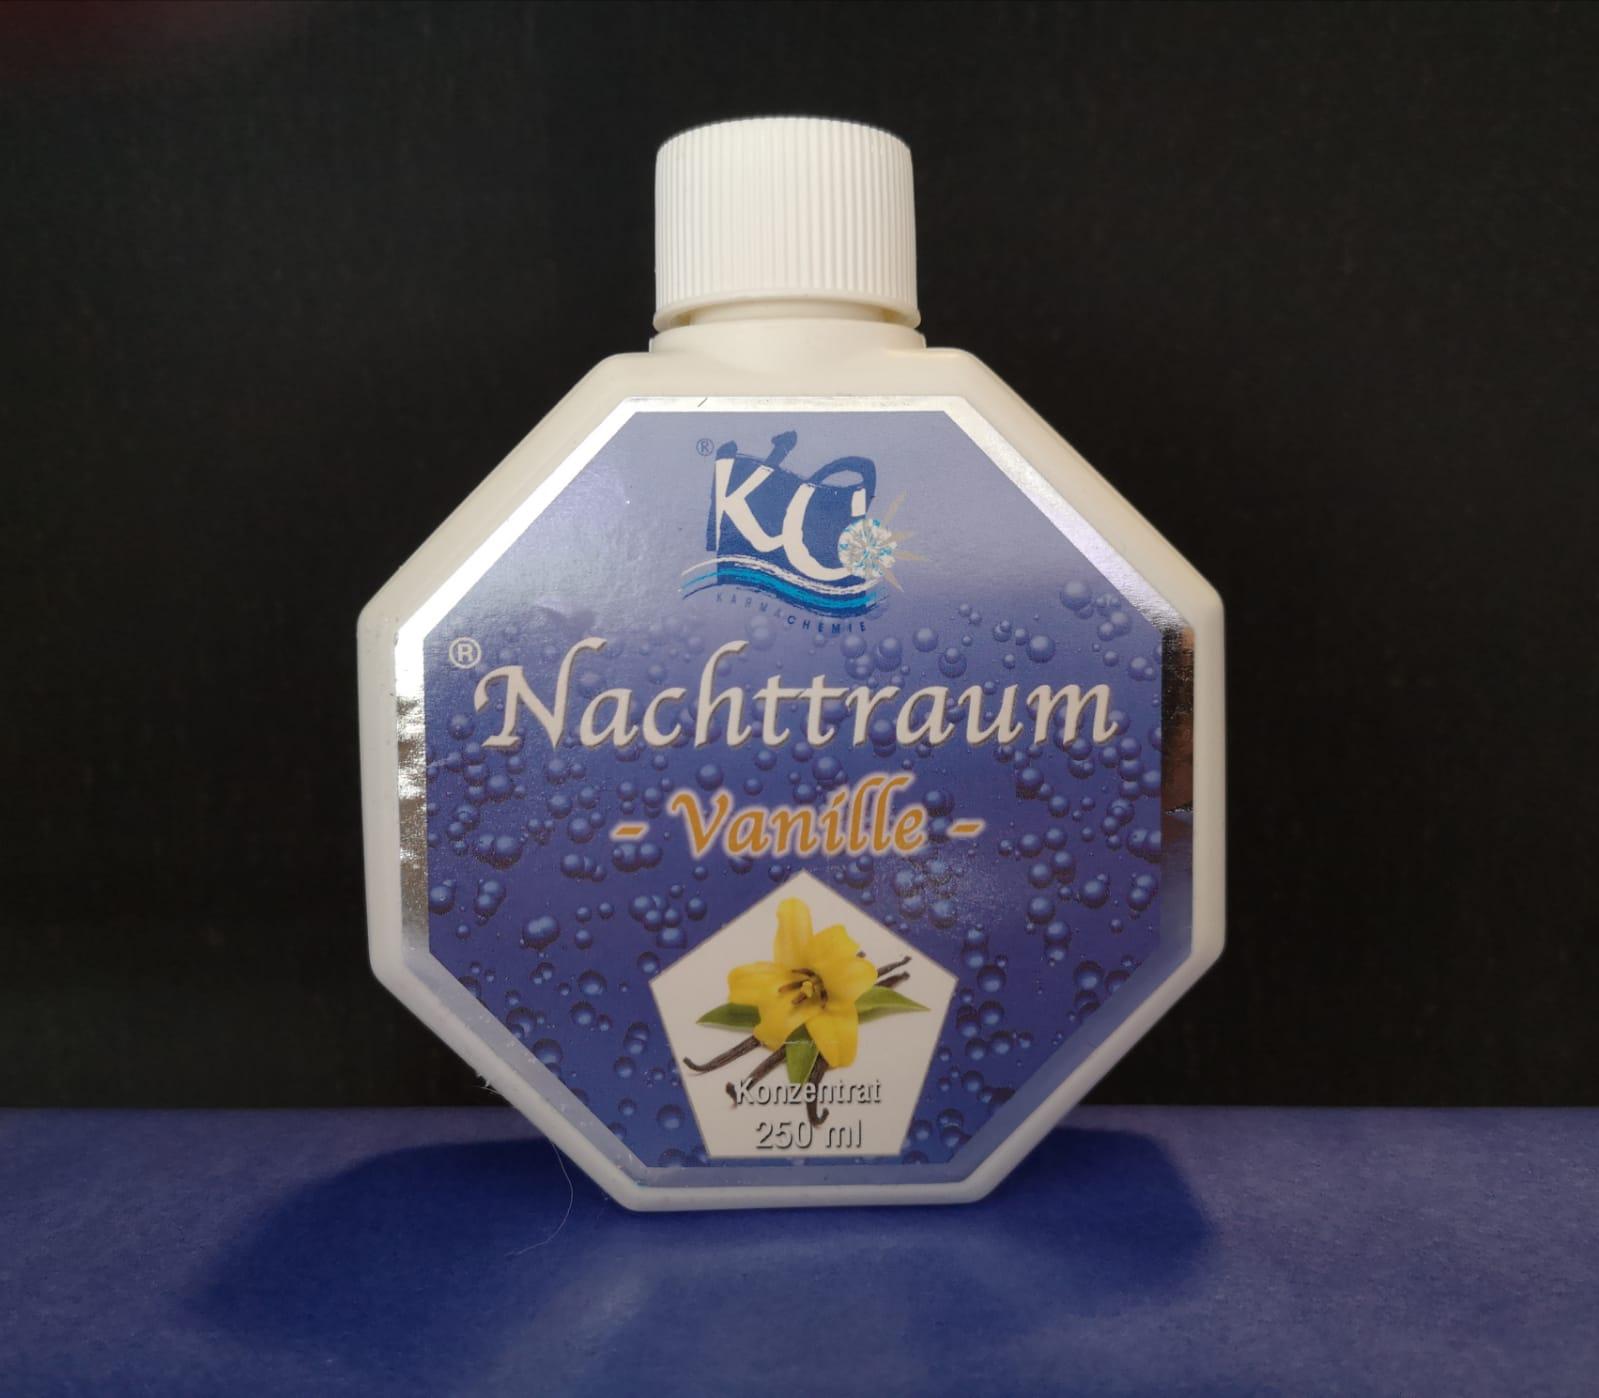 Nachttraum Vanille